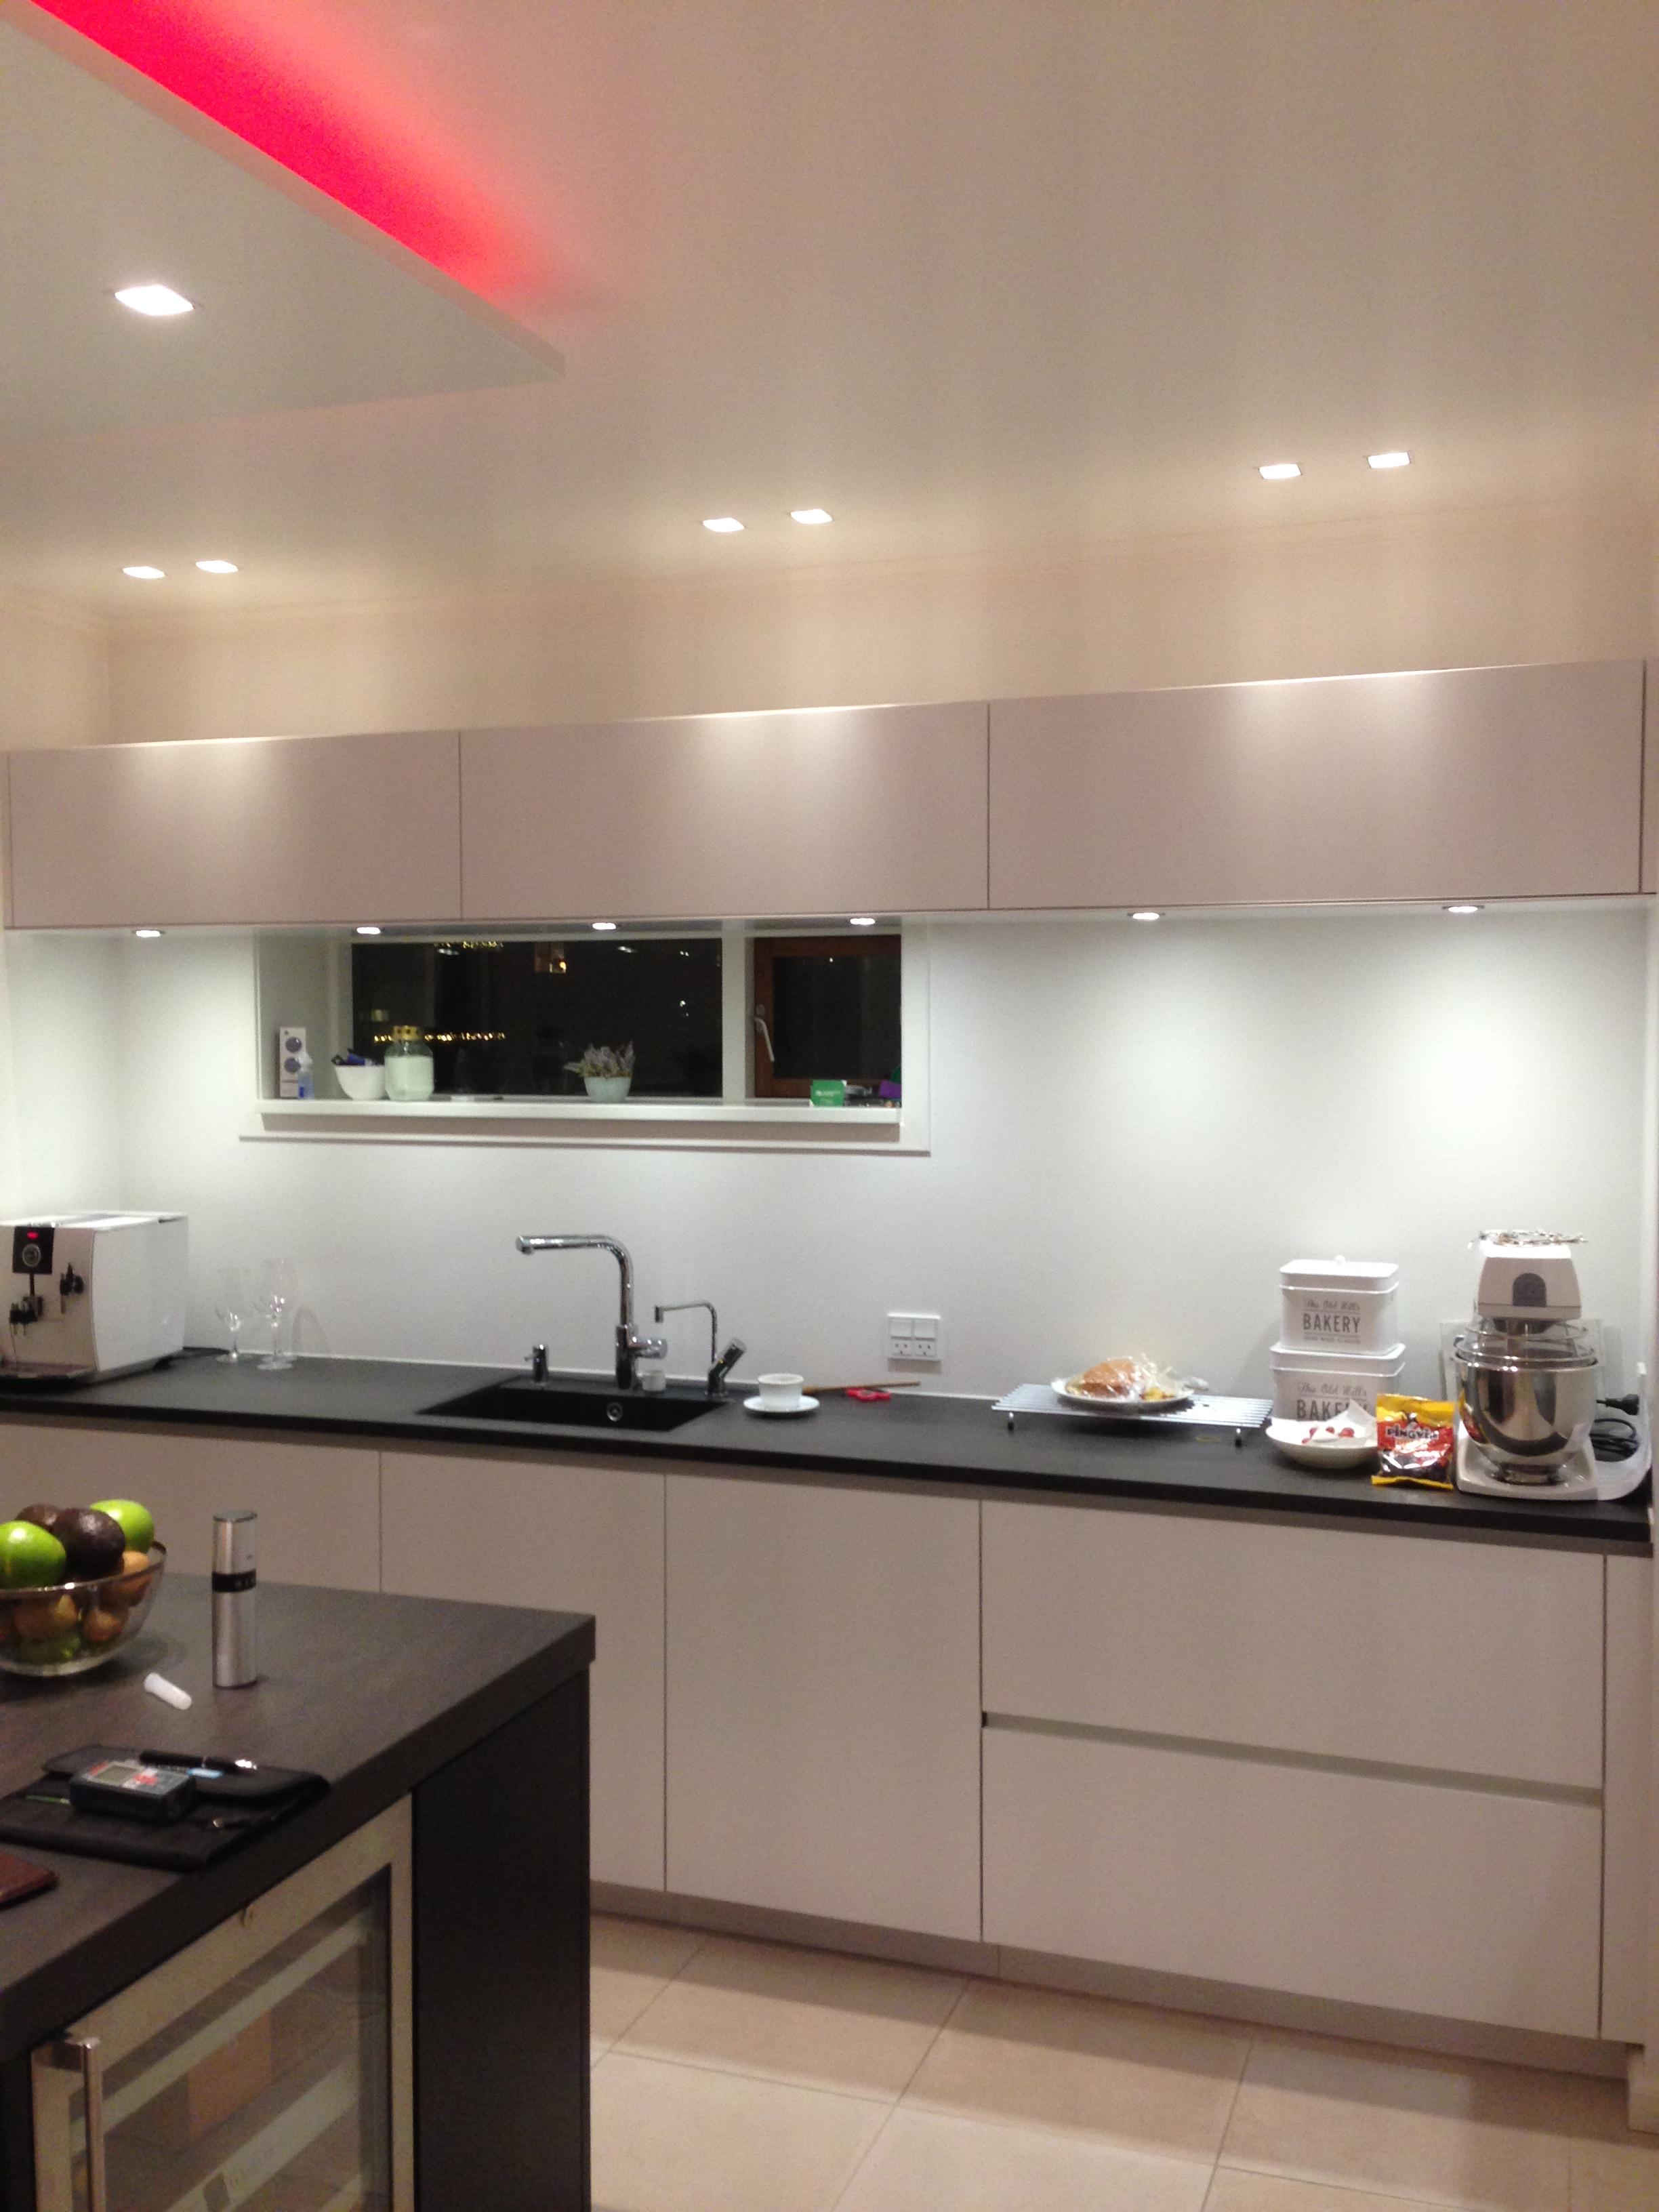 fliser i køkken Anmeldelse af Murermester Bastian   Montering af fliser i køkken  fliser i køkken